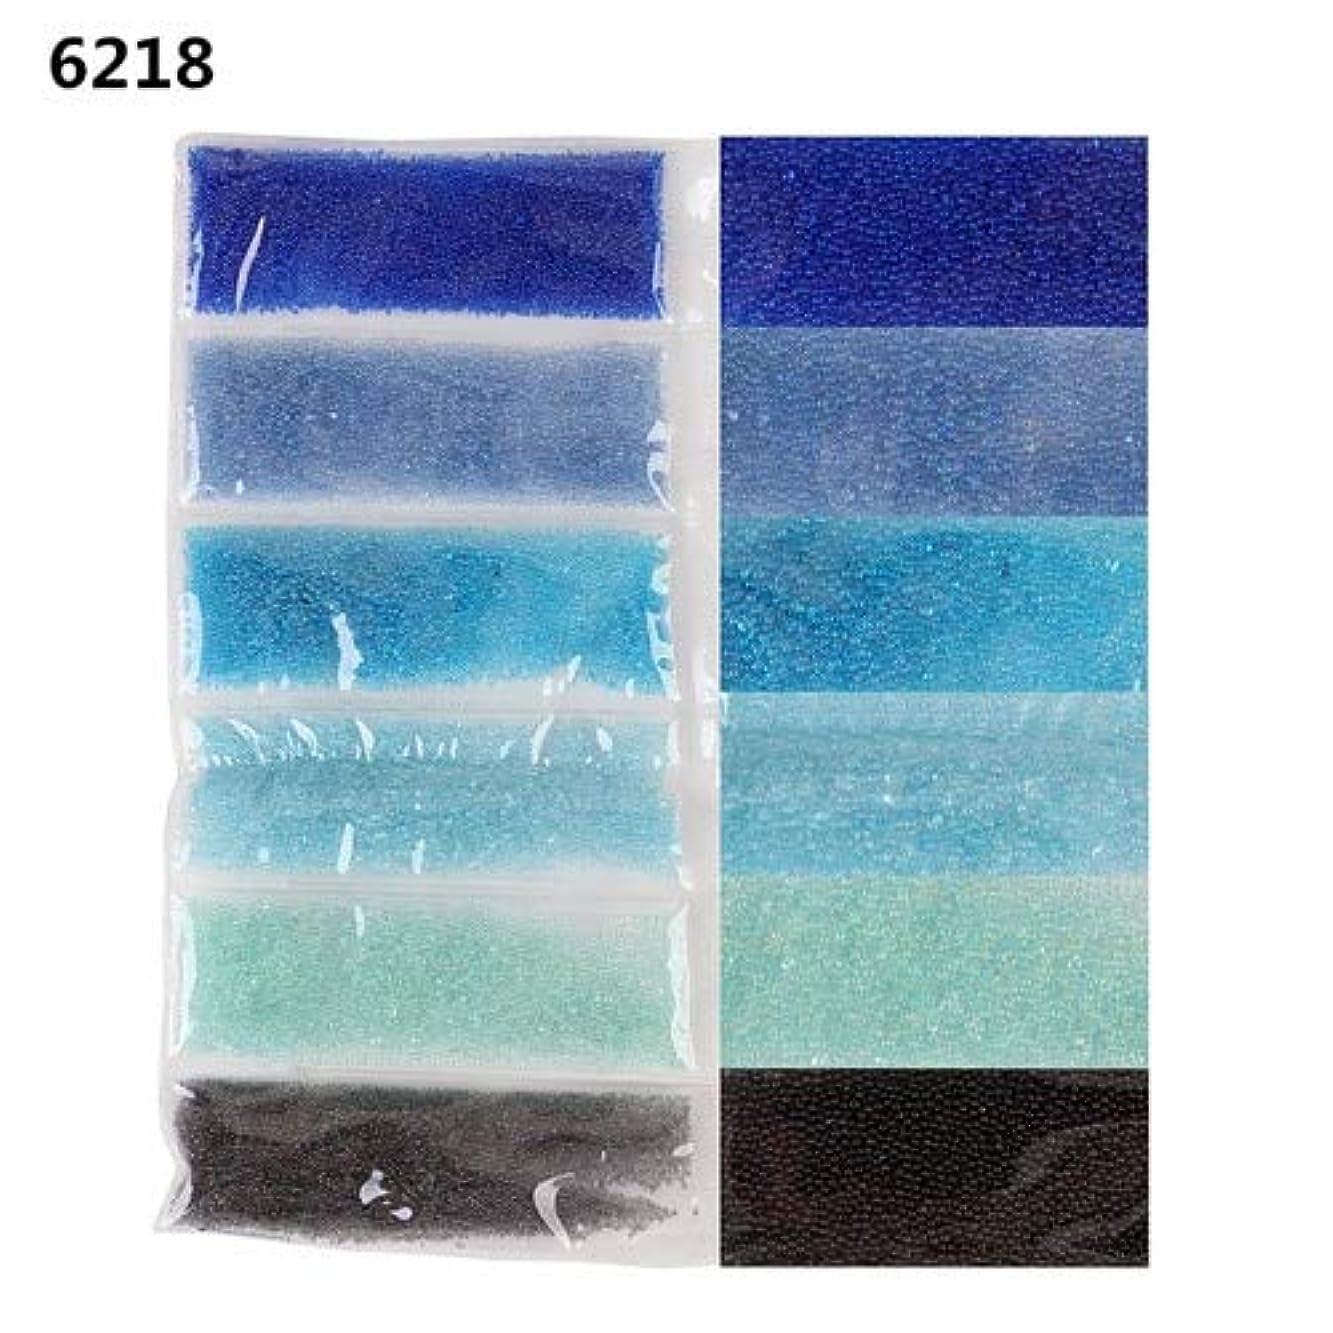 バーマドホップ汚染1袋6色混合ミニビーズネイルキャビアネイルアートラインストーンネイルクリスタルネイルアートデコレーション3D